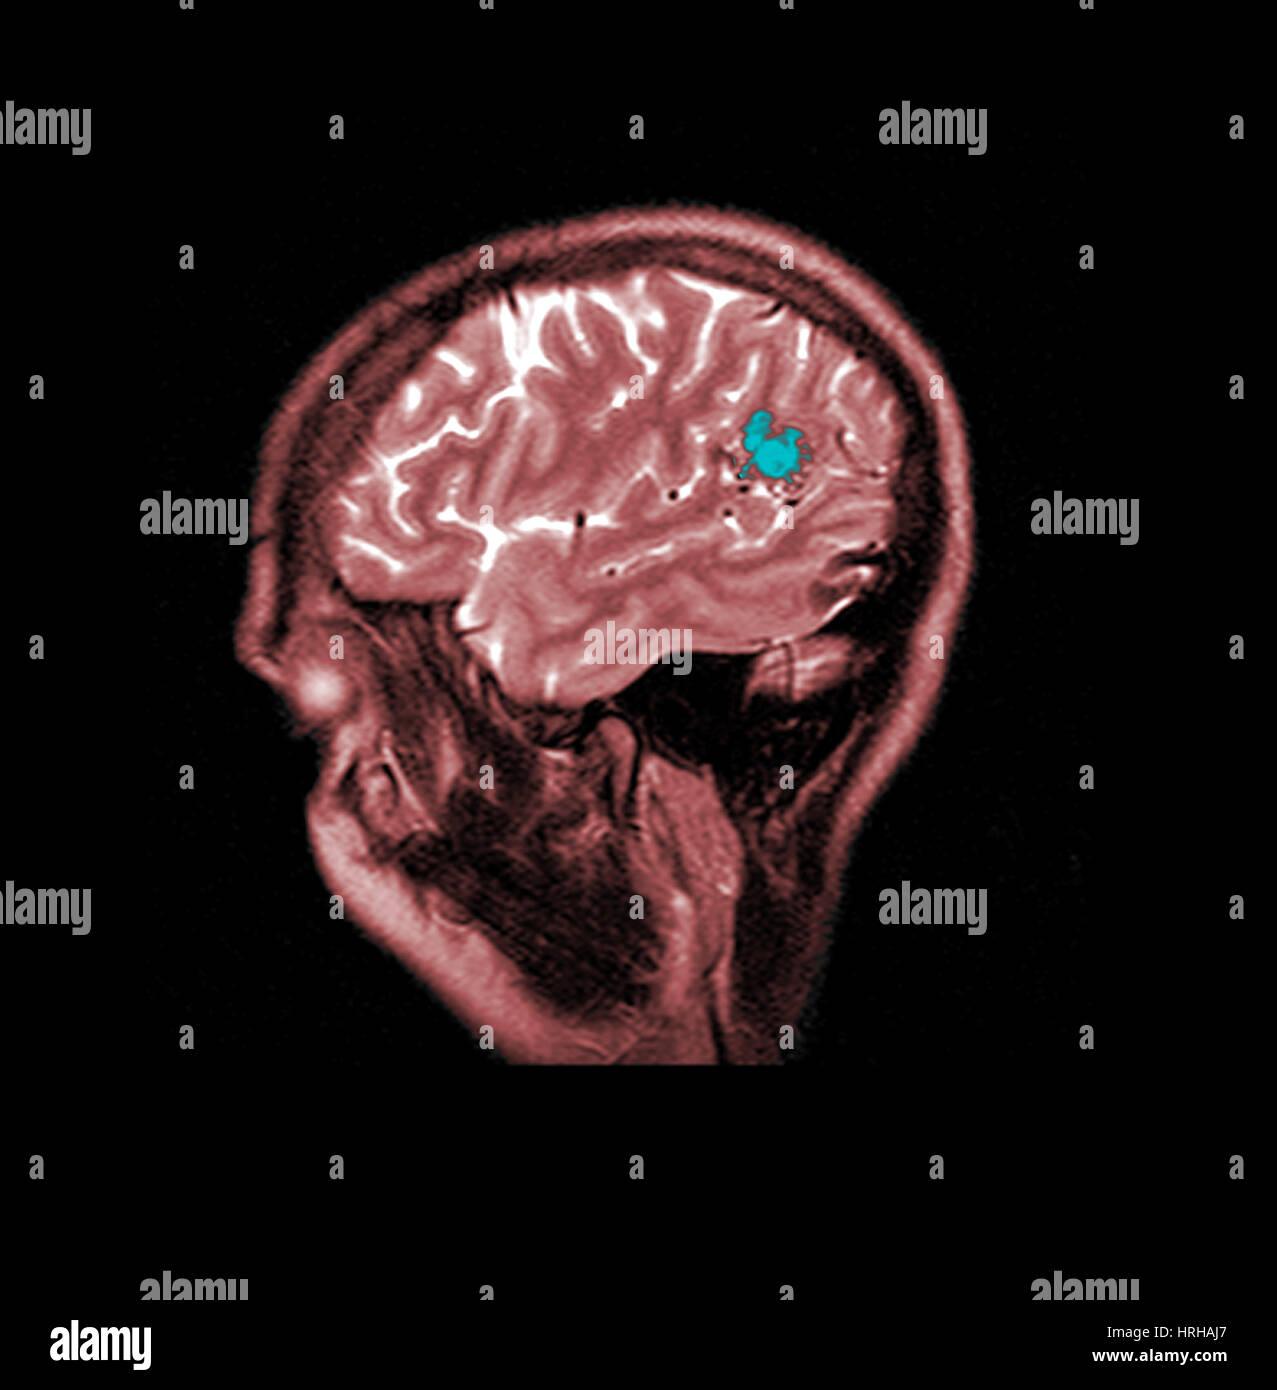 Mri Cerebral Avm Stock Photos & Mri Cerebral Avm Stock Images - Alamy